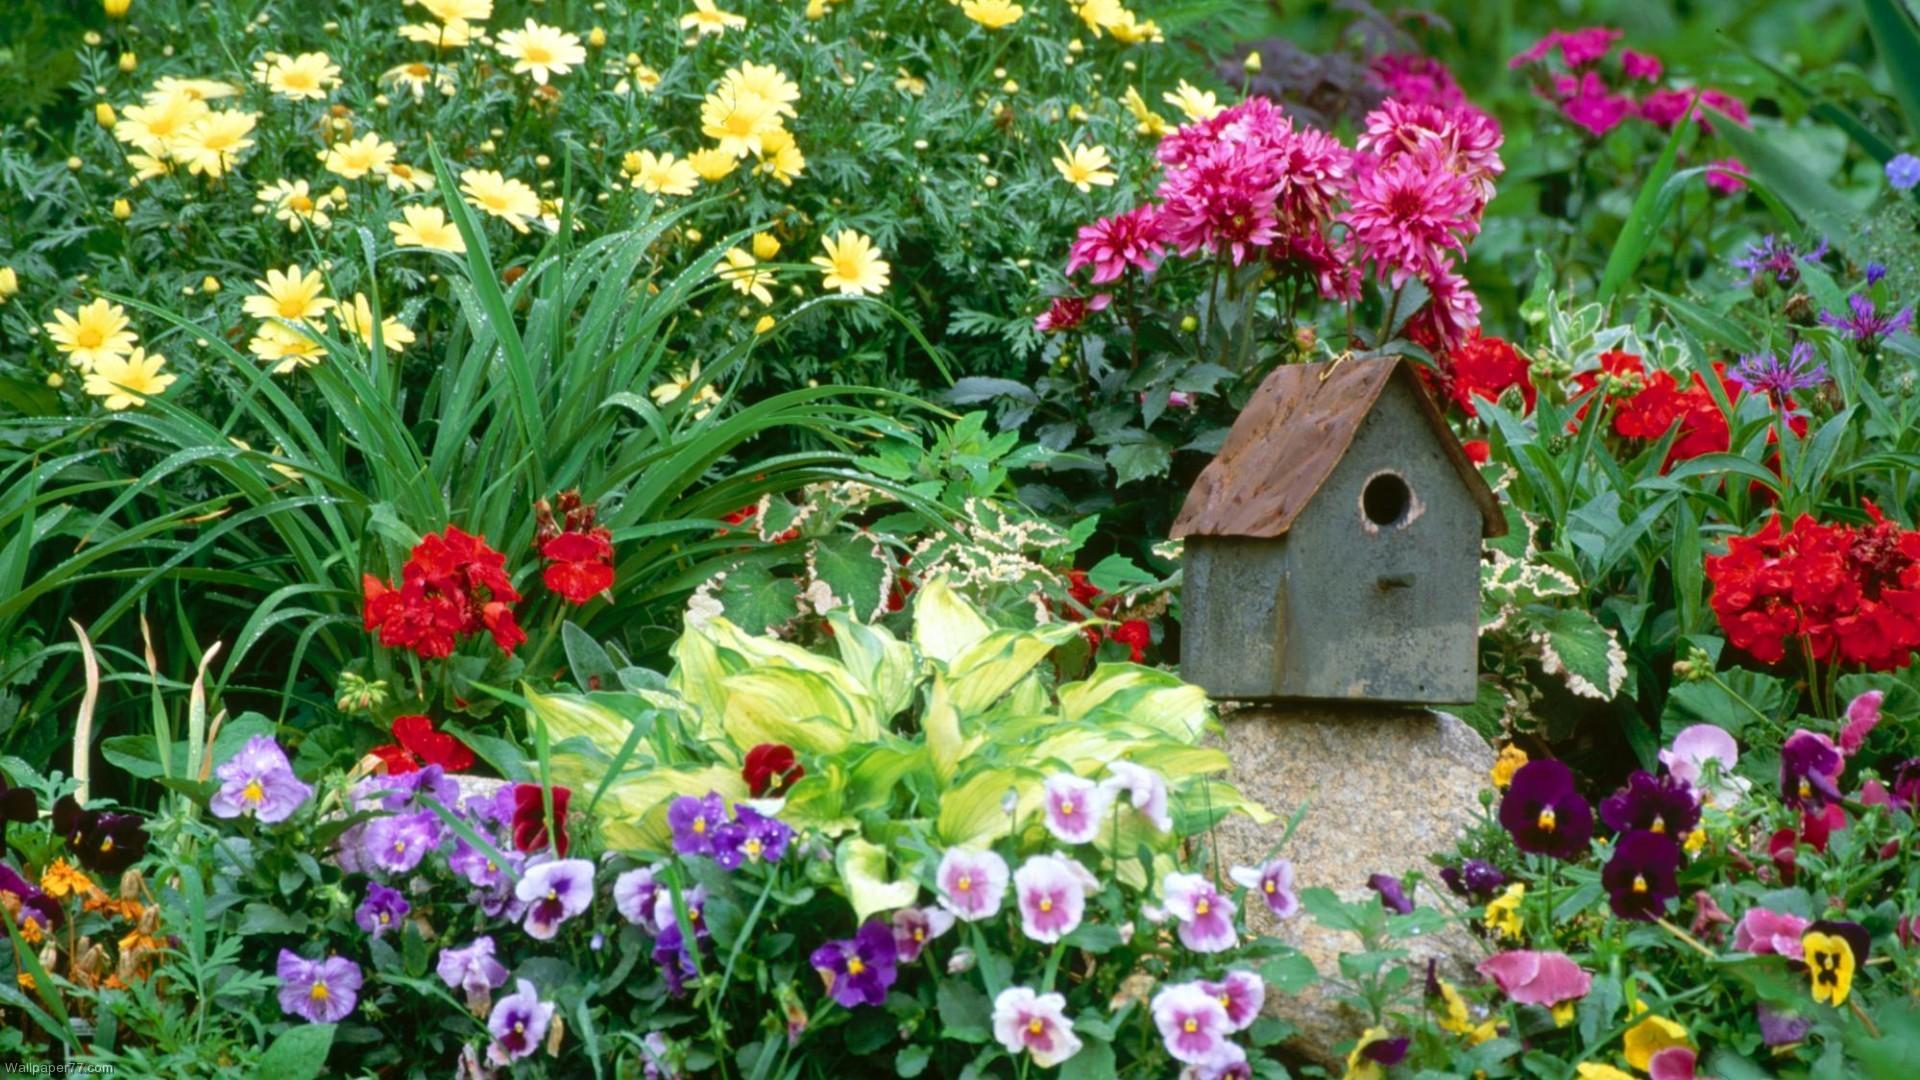 Summer Flower Garden Wallpaper 57 Images